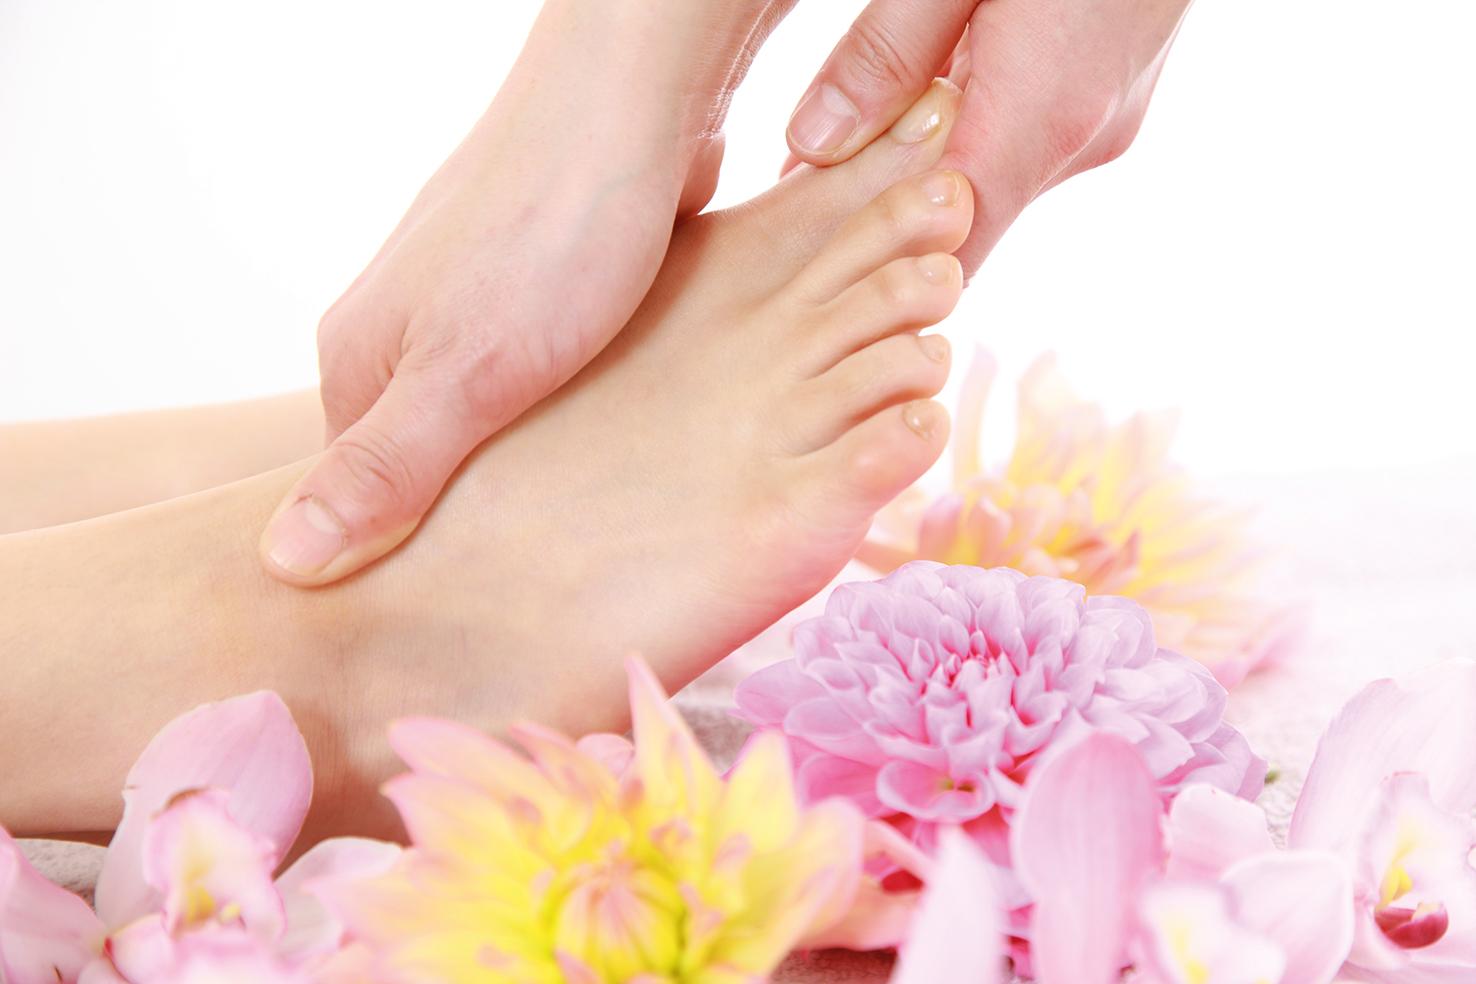 31943111 - foot massage